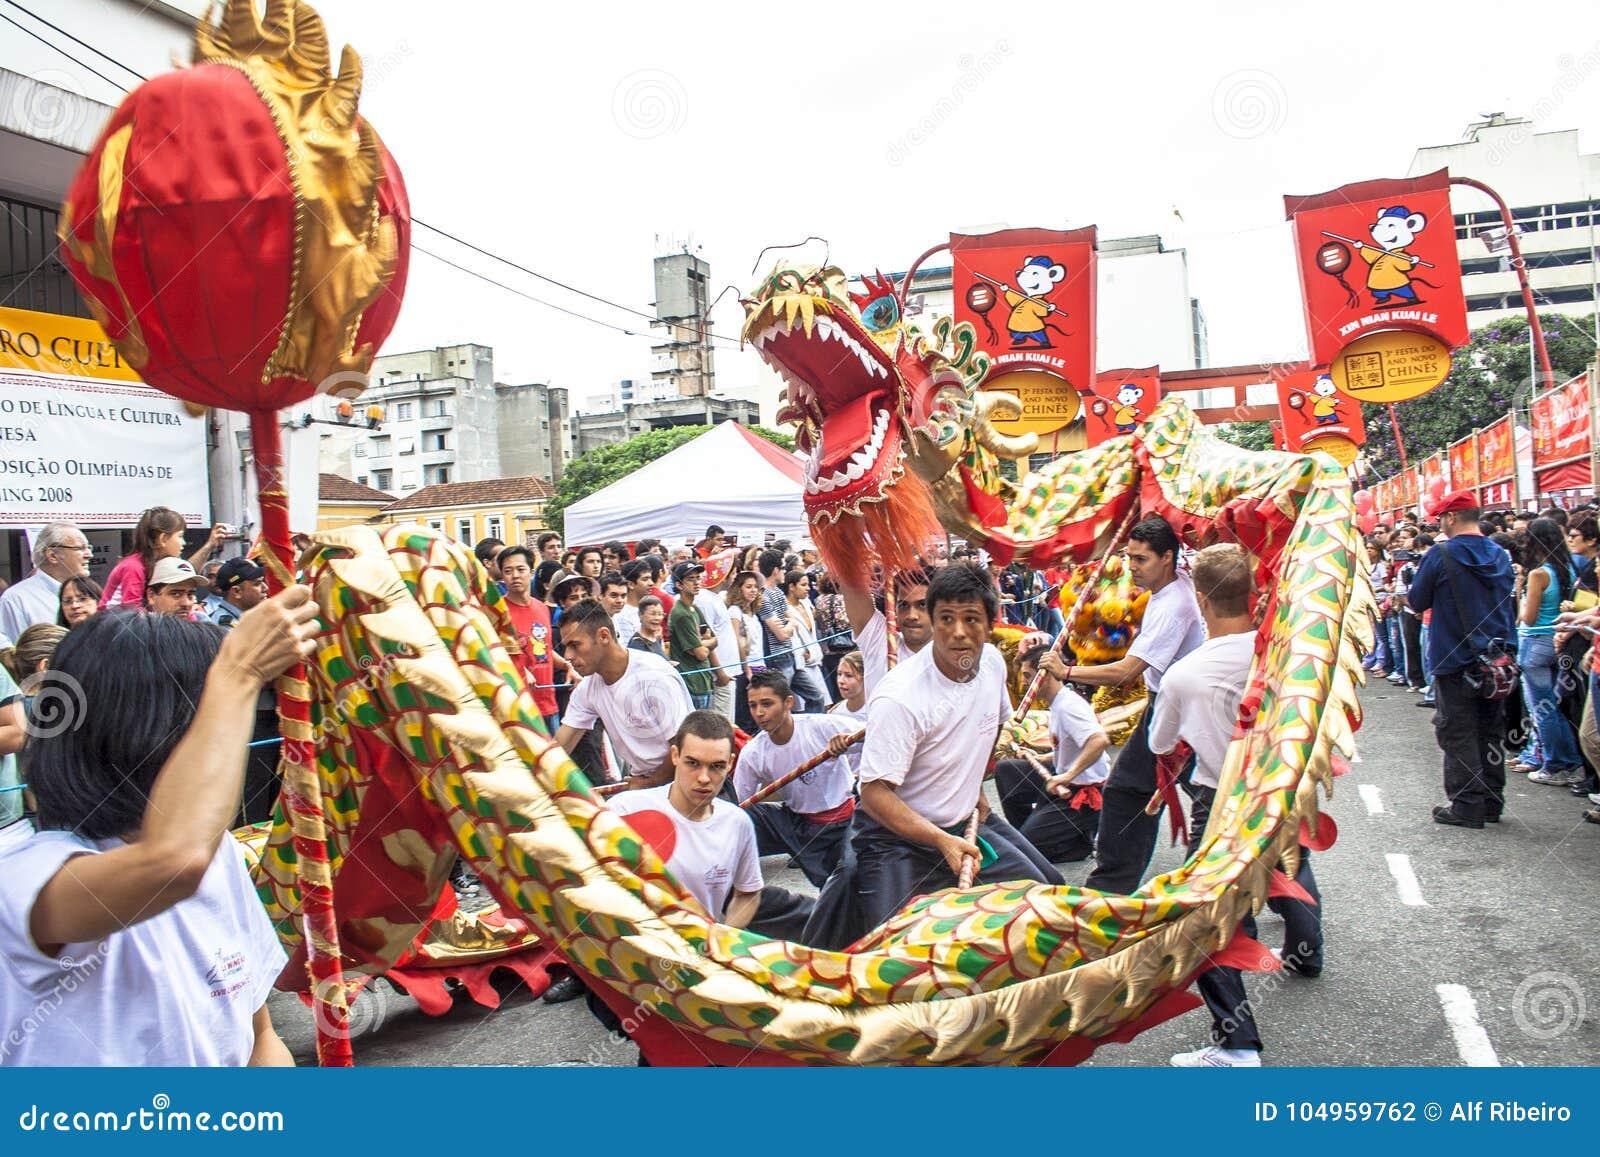 Feier des Chinesischen Neujahrsfests in Brasilien